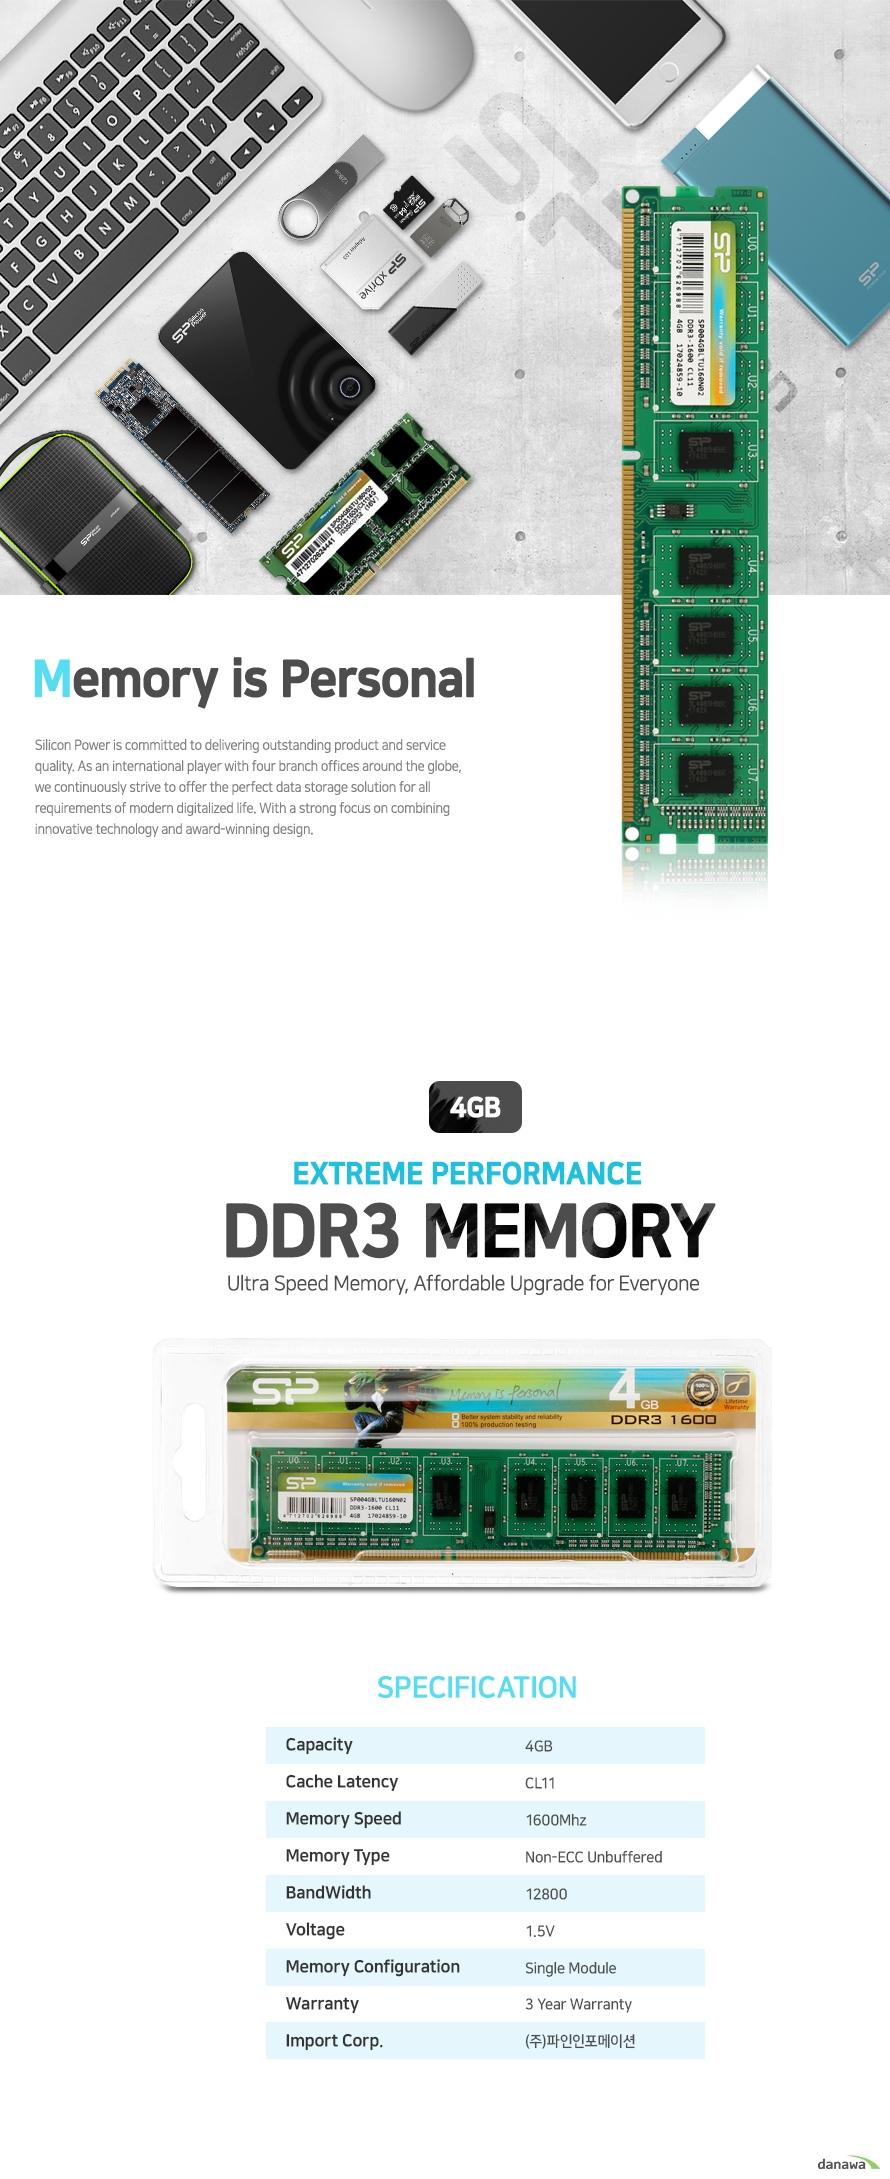 실리콘 파워 DDR3 메모리 4기가바이트        제품 상세정보        CAPACITY 4기가바이트    CACHE LATENCY CL11    MEMORY SPEED 1600메가 헤르츠    MEMORY TYPE 논 ECC 언버퍼드 메모리    BANDWIDTH 12800    VOLTAGE 1.5볼트    MEMORY CONFIGURATION 싱글 모듈    WARRANTY 3년 보증    IMPORT CORP. 주 파인인포메이션